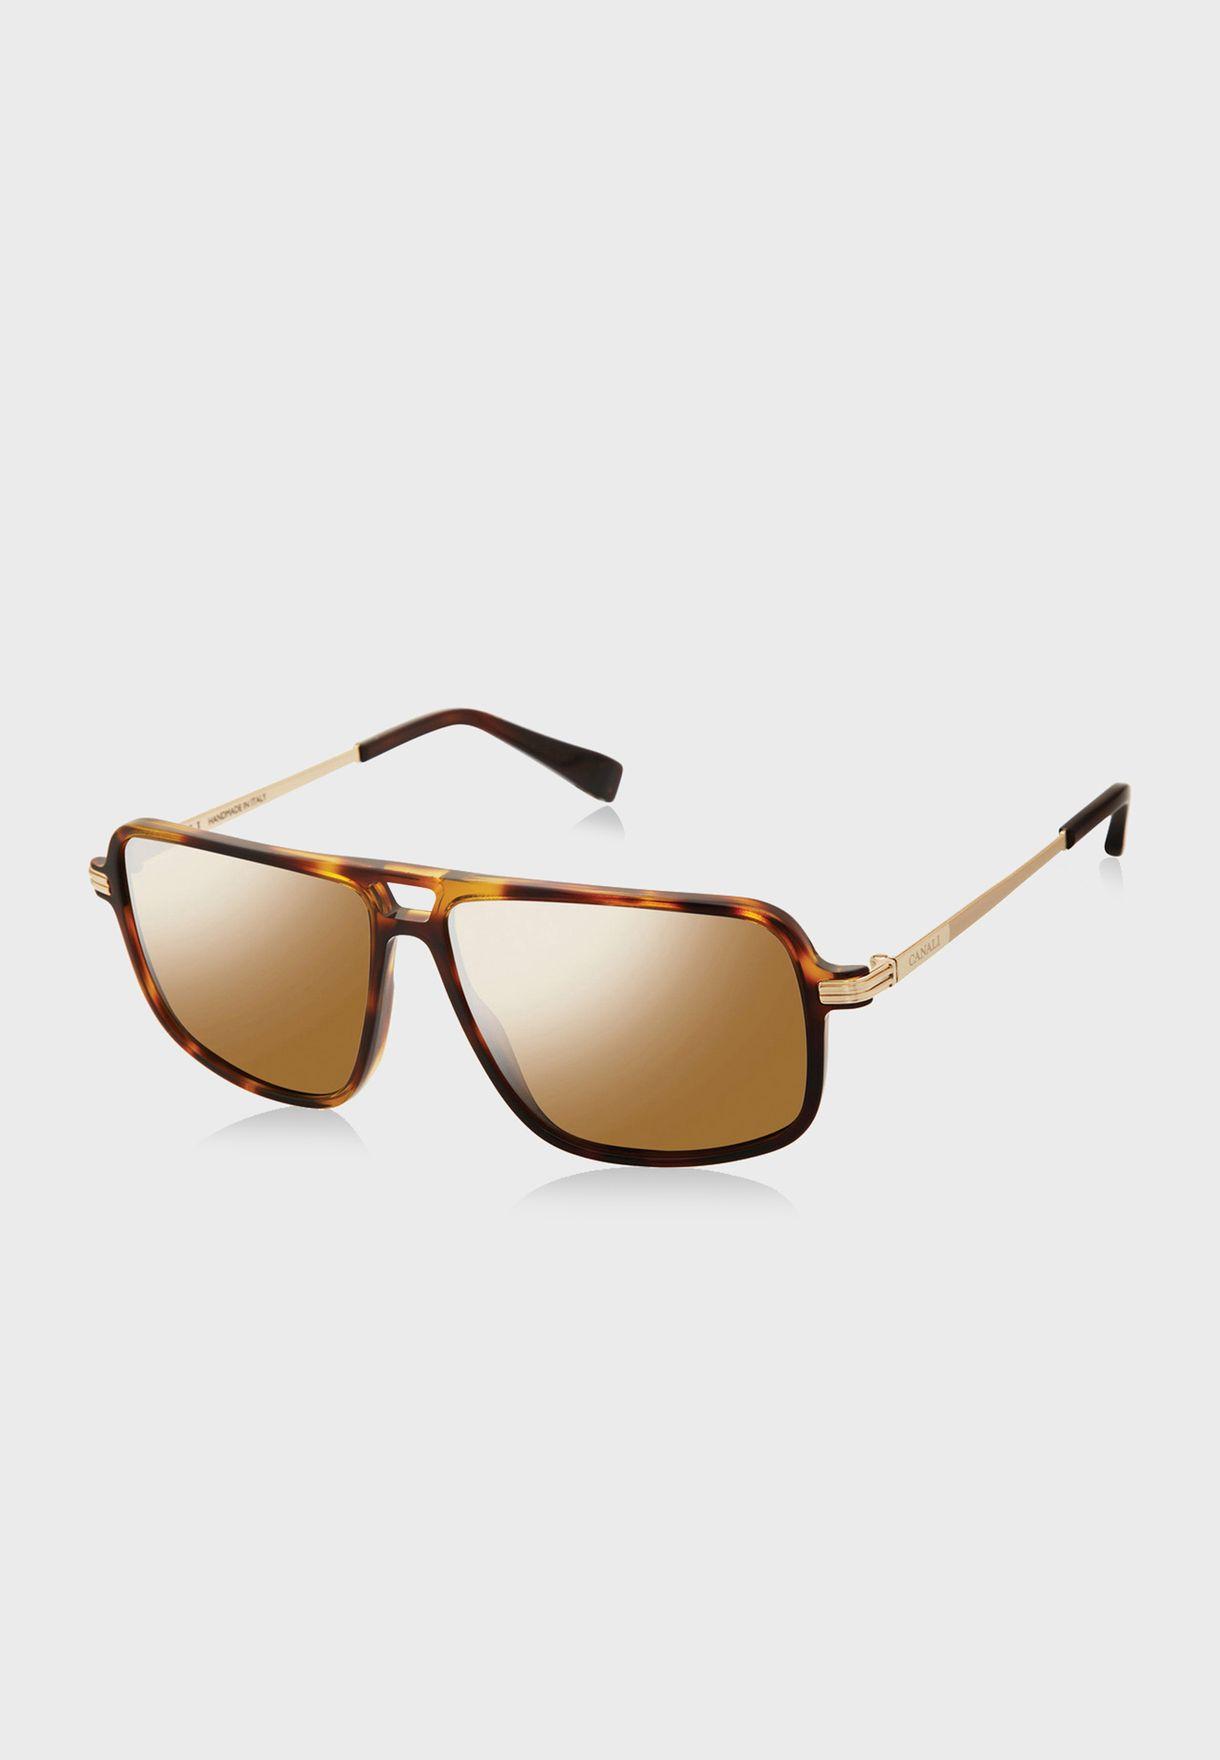 L CO20301 Square Sunglasses